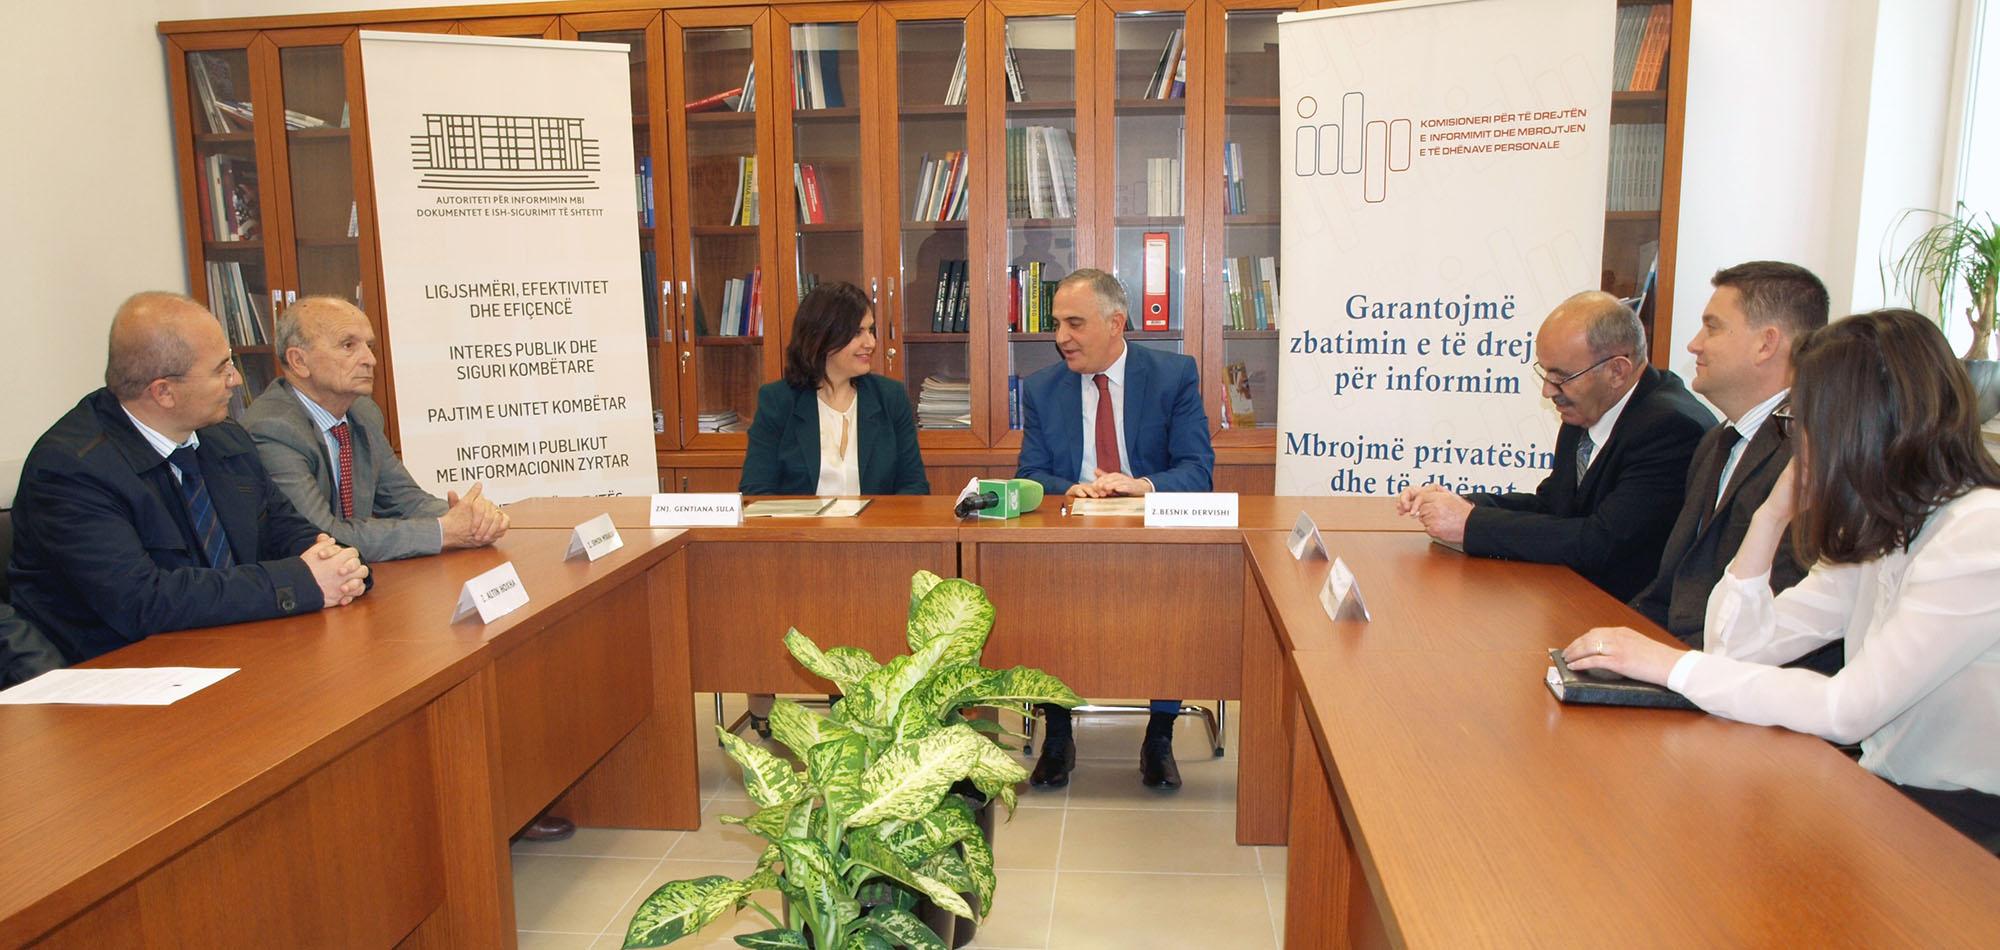 Accord de coopération entre le Bureau du Commissaire et l'Autorité d'Information sur les Dossiers de Sigurimi